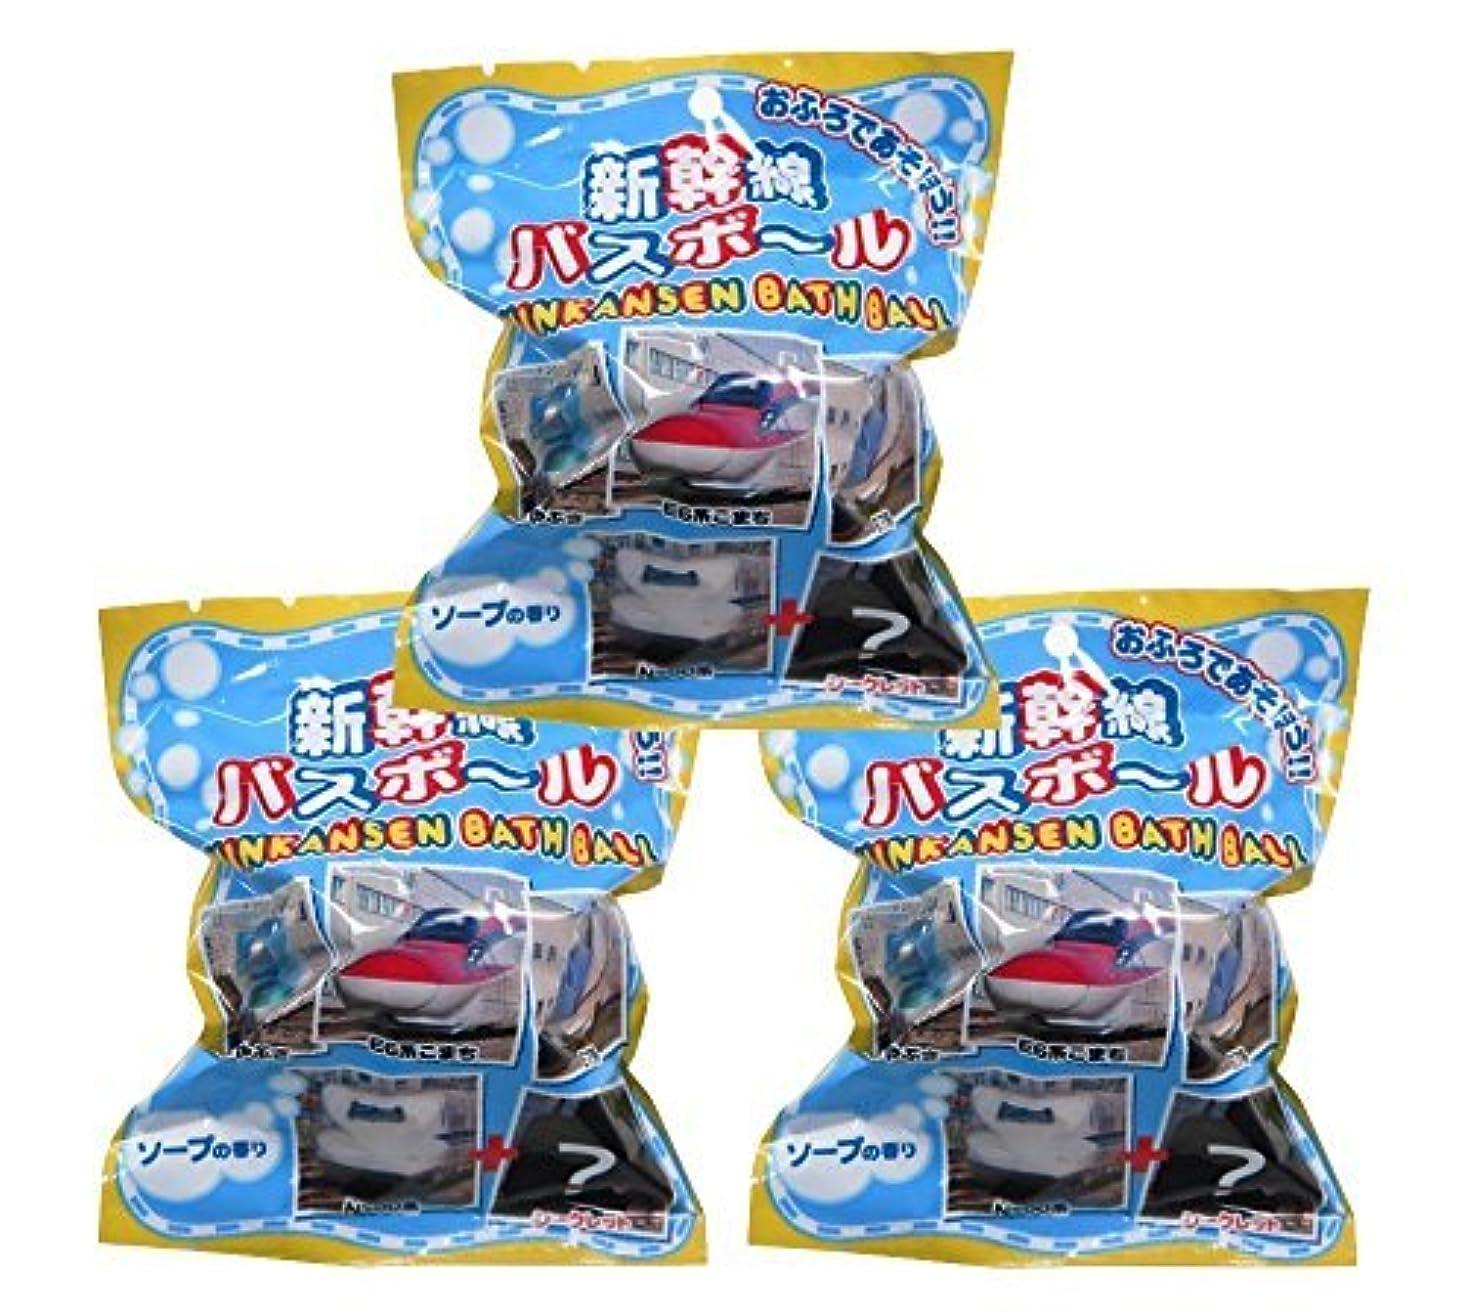 パス株式むしろJR新幹線 入浴剤 マスコットが飛び出るバスボール 3個セット